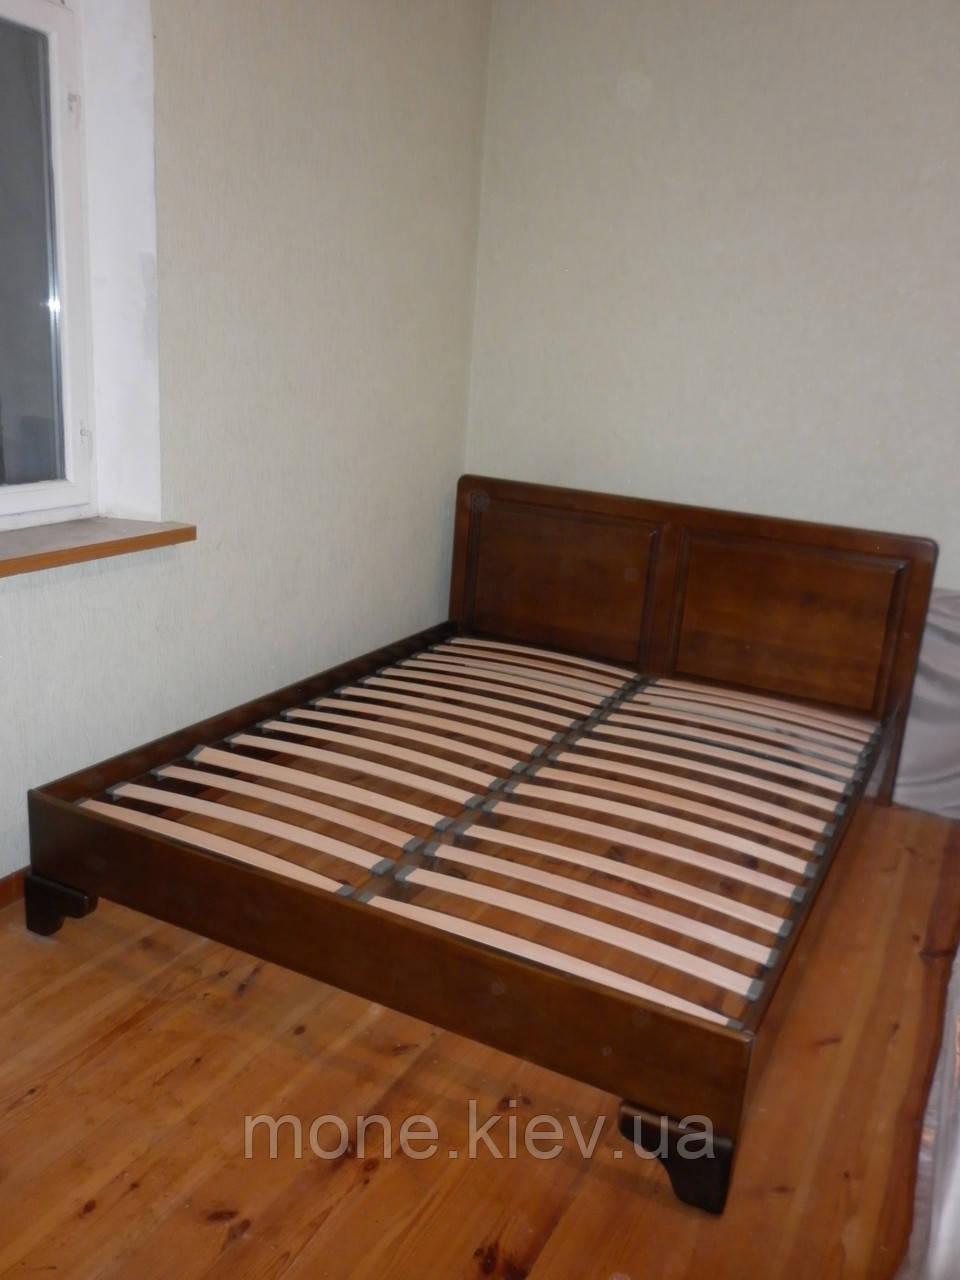 """Кровать """"Еней"""" из натурально дерева двуспальная"""